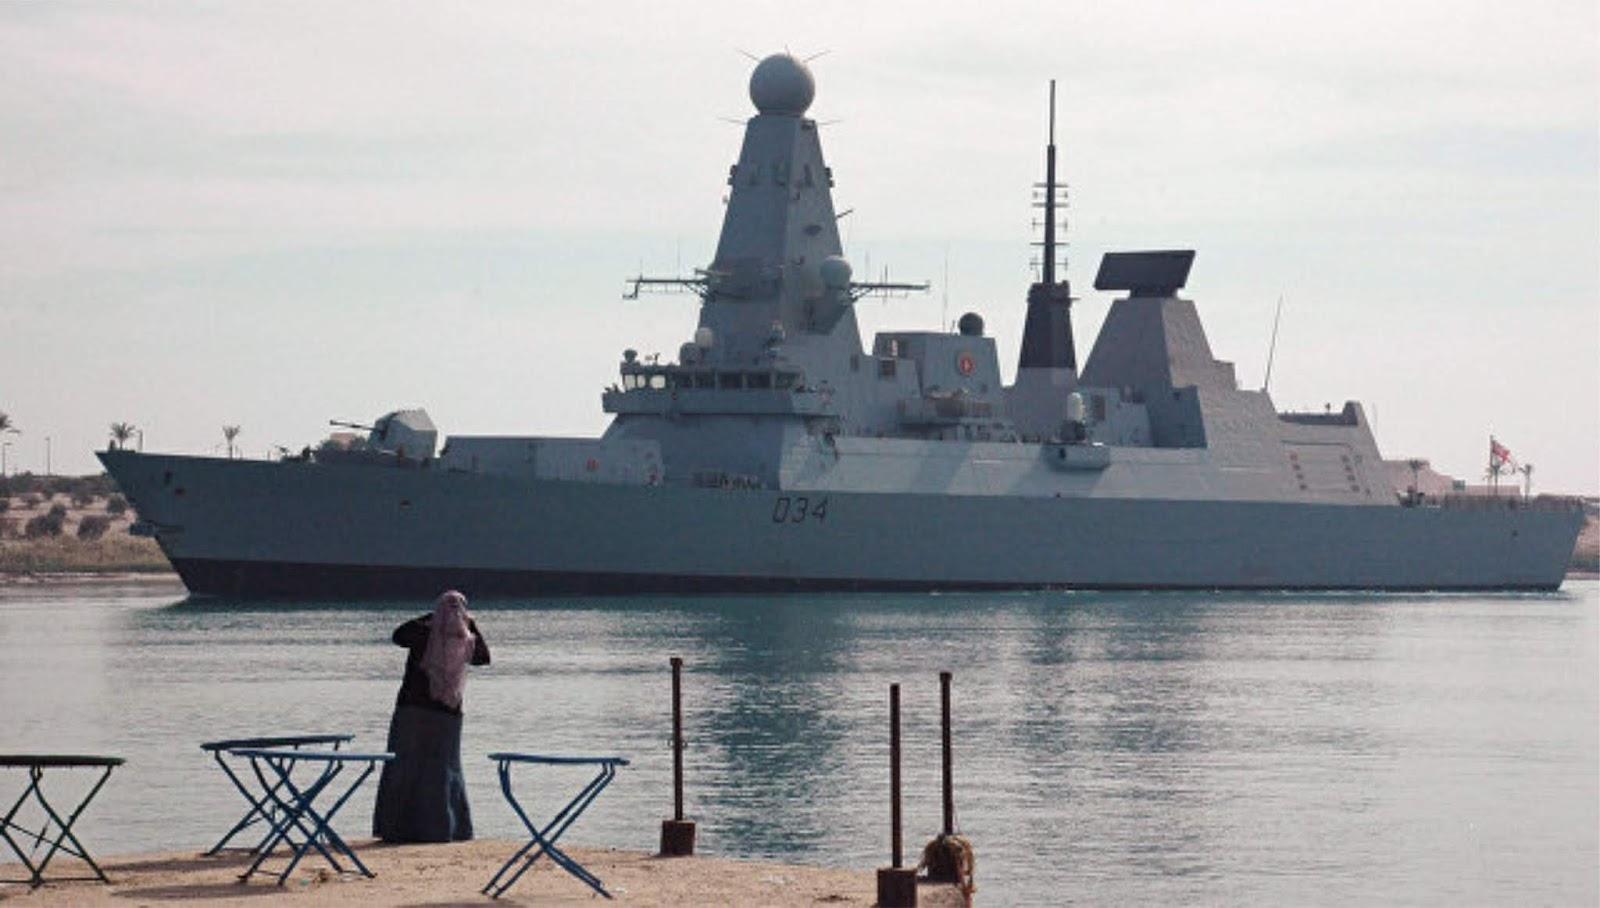 Kapal perusak Inggris mengawal kapal perang Rusia di Selat Inggris